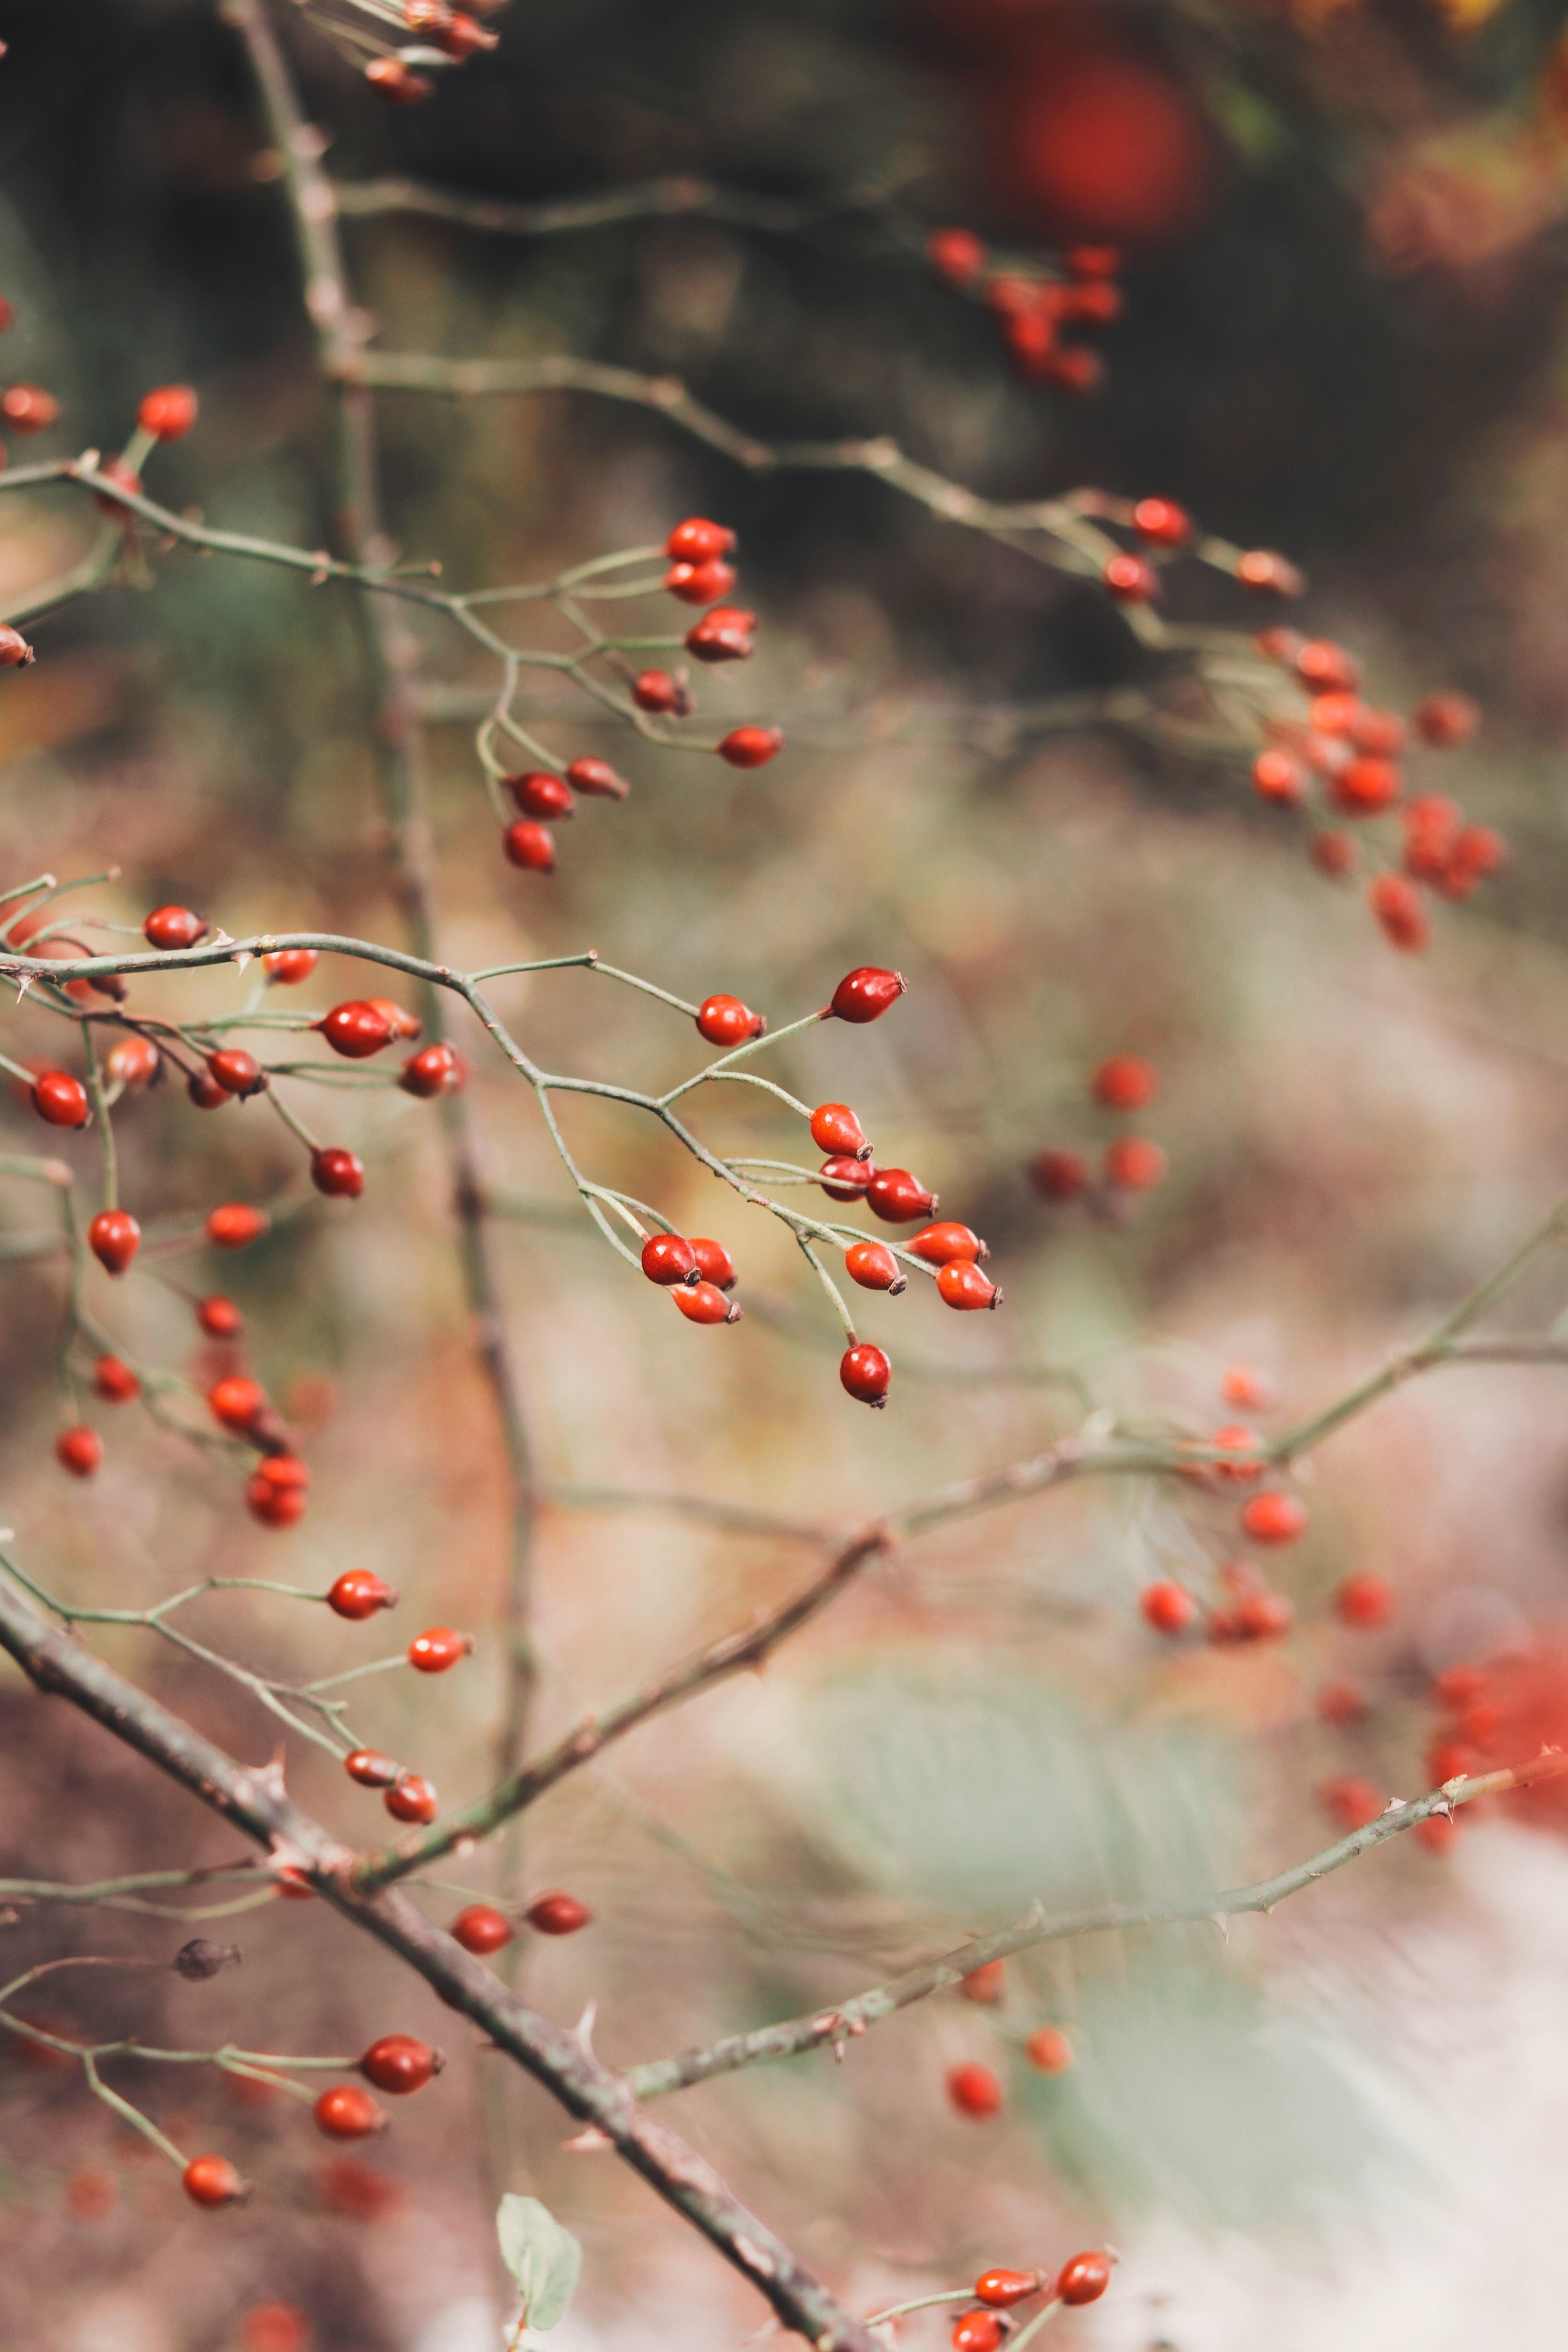 119425 скачать обои Ягоды, Шиповник, Растение, Макро, Красный, Куст - заставки и картинки бесплатно